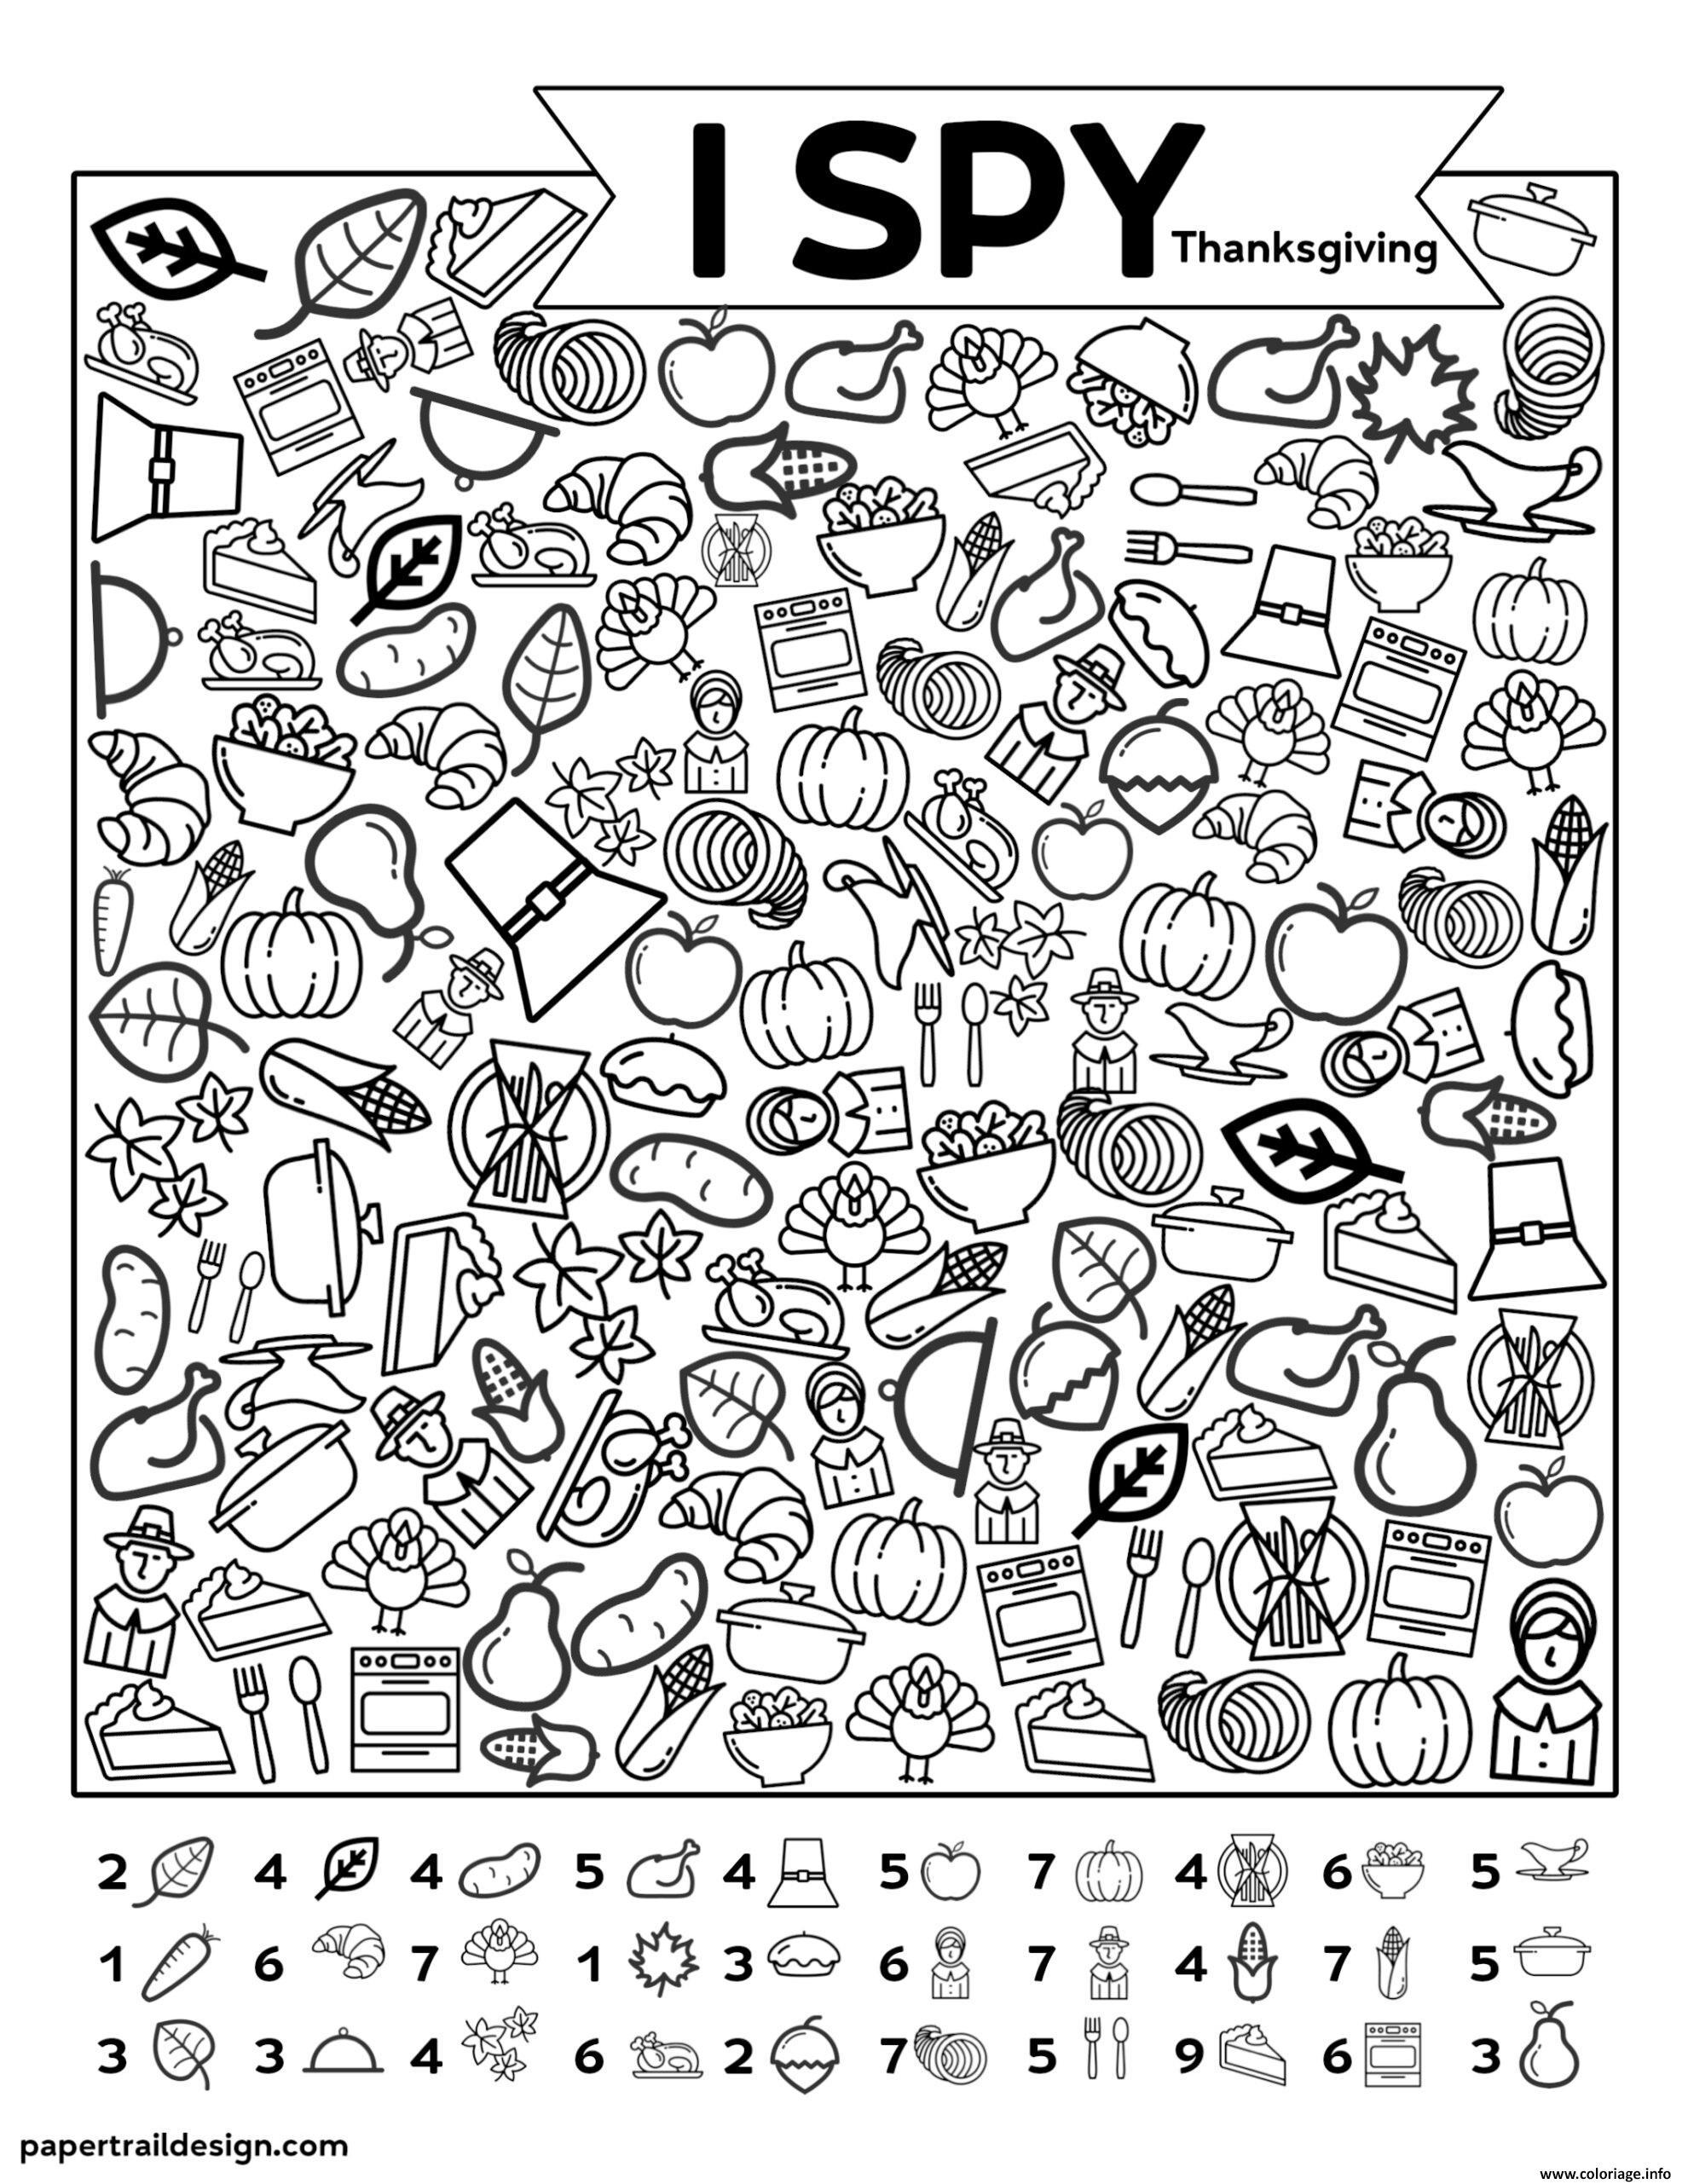 Dessin I Spy Back Thanksgiving Coloriage Gratuit à Imprimer